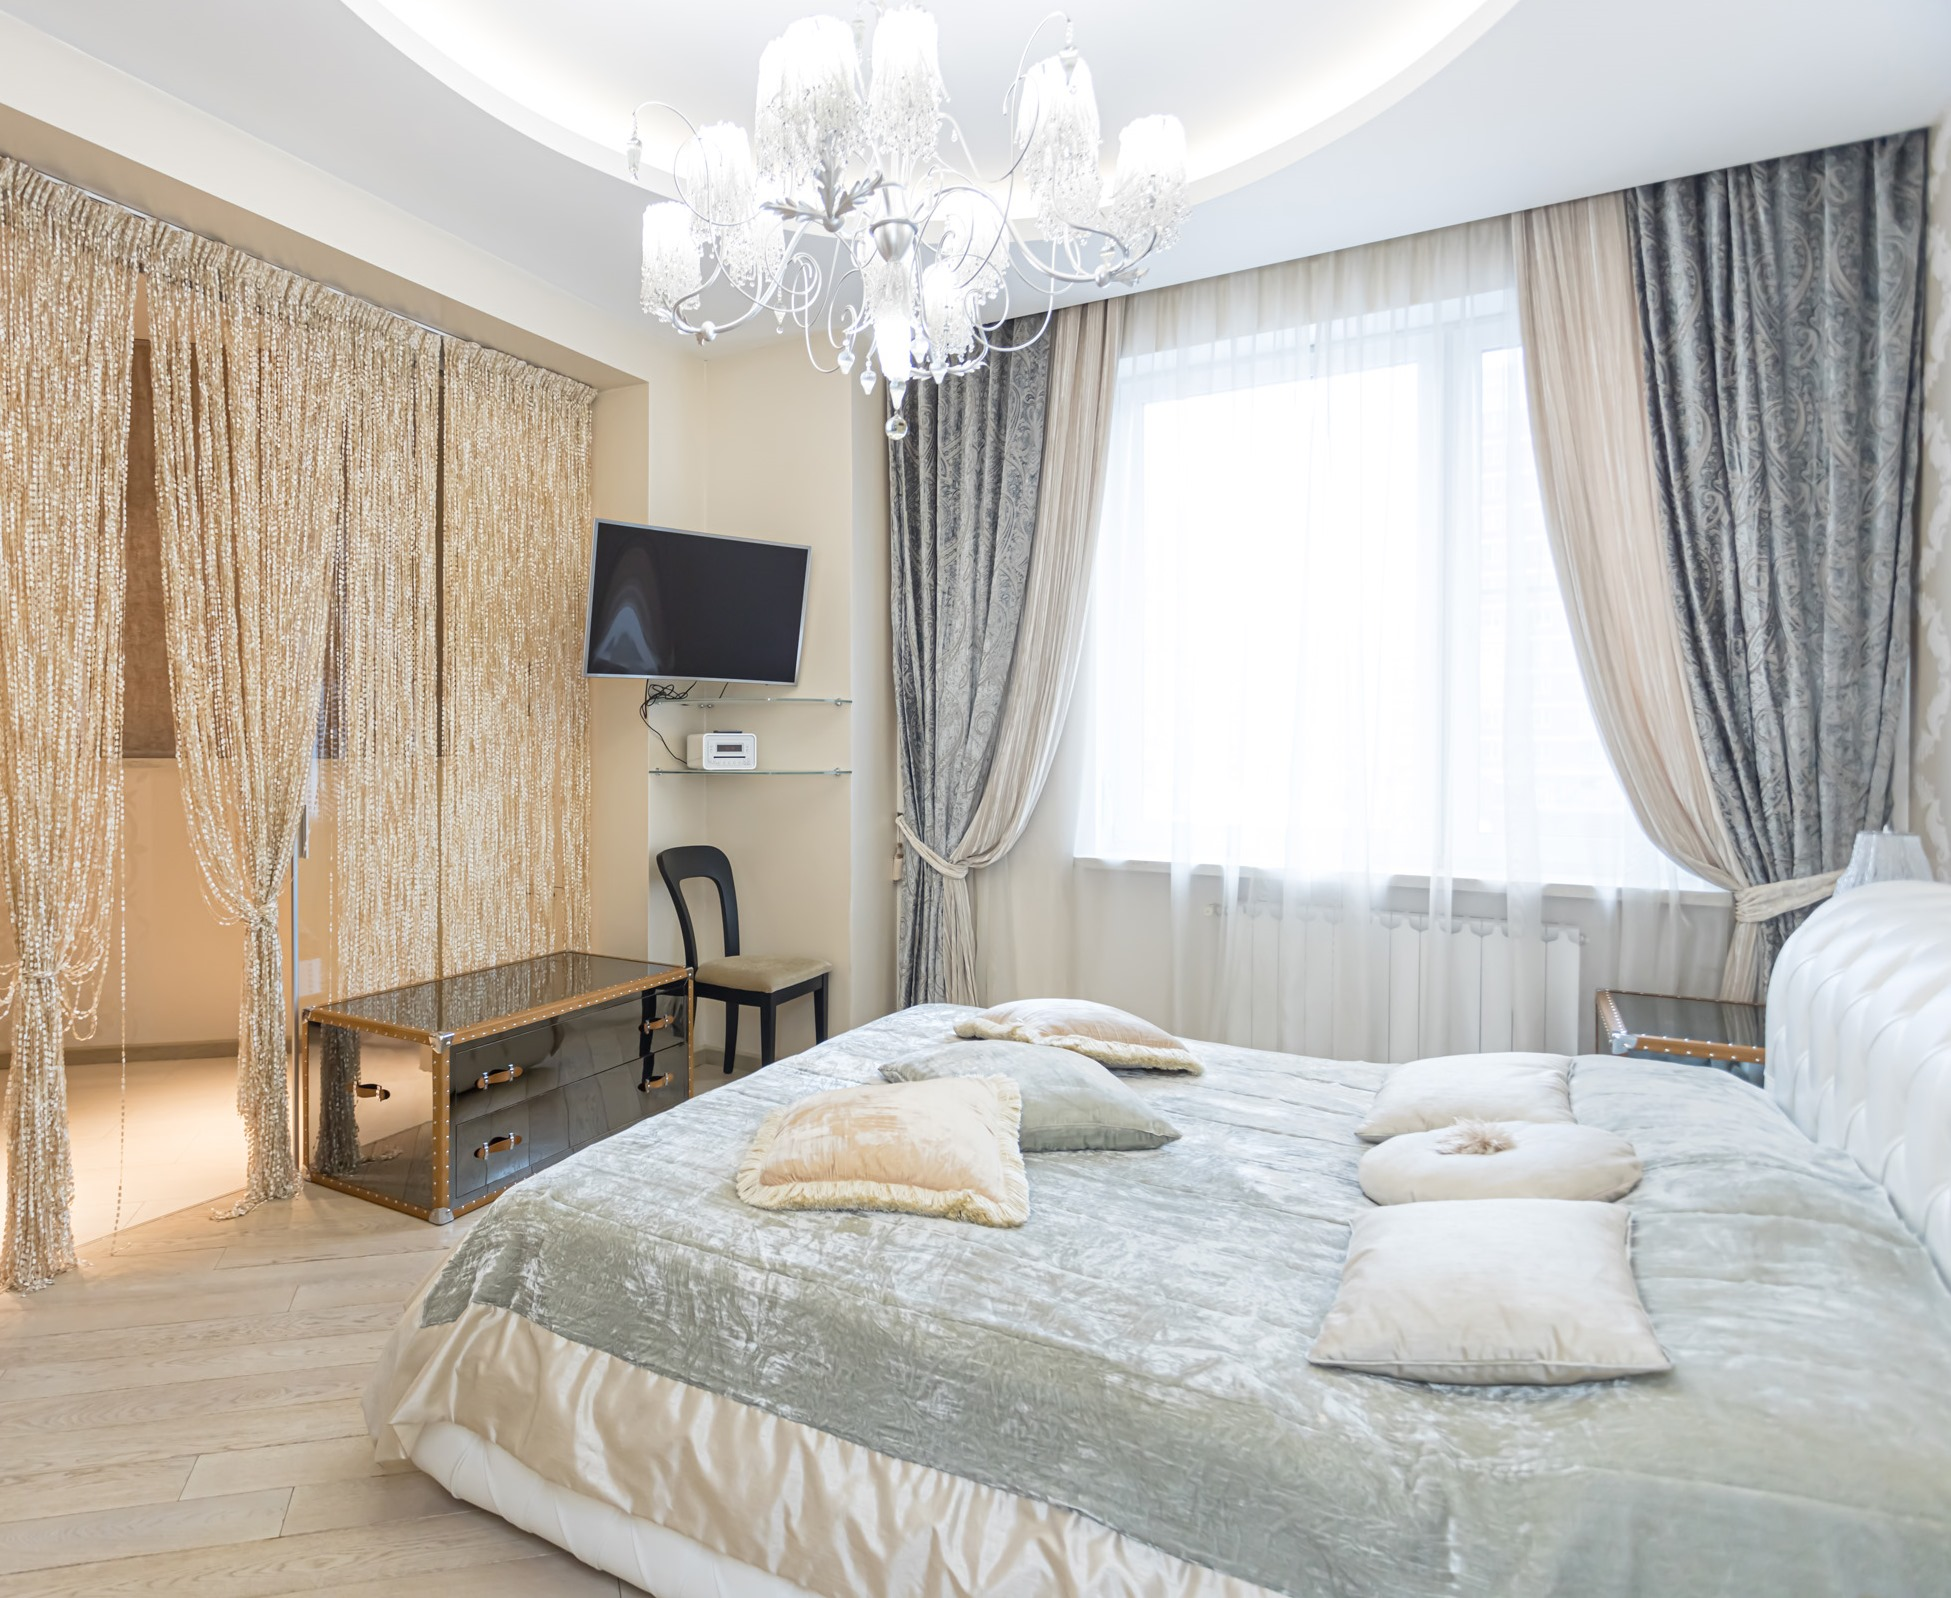 Квартира Мосфильмовская в г.Москва